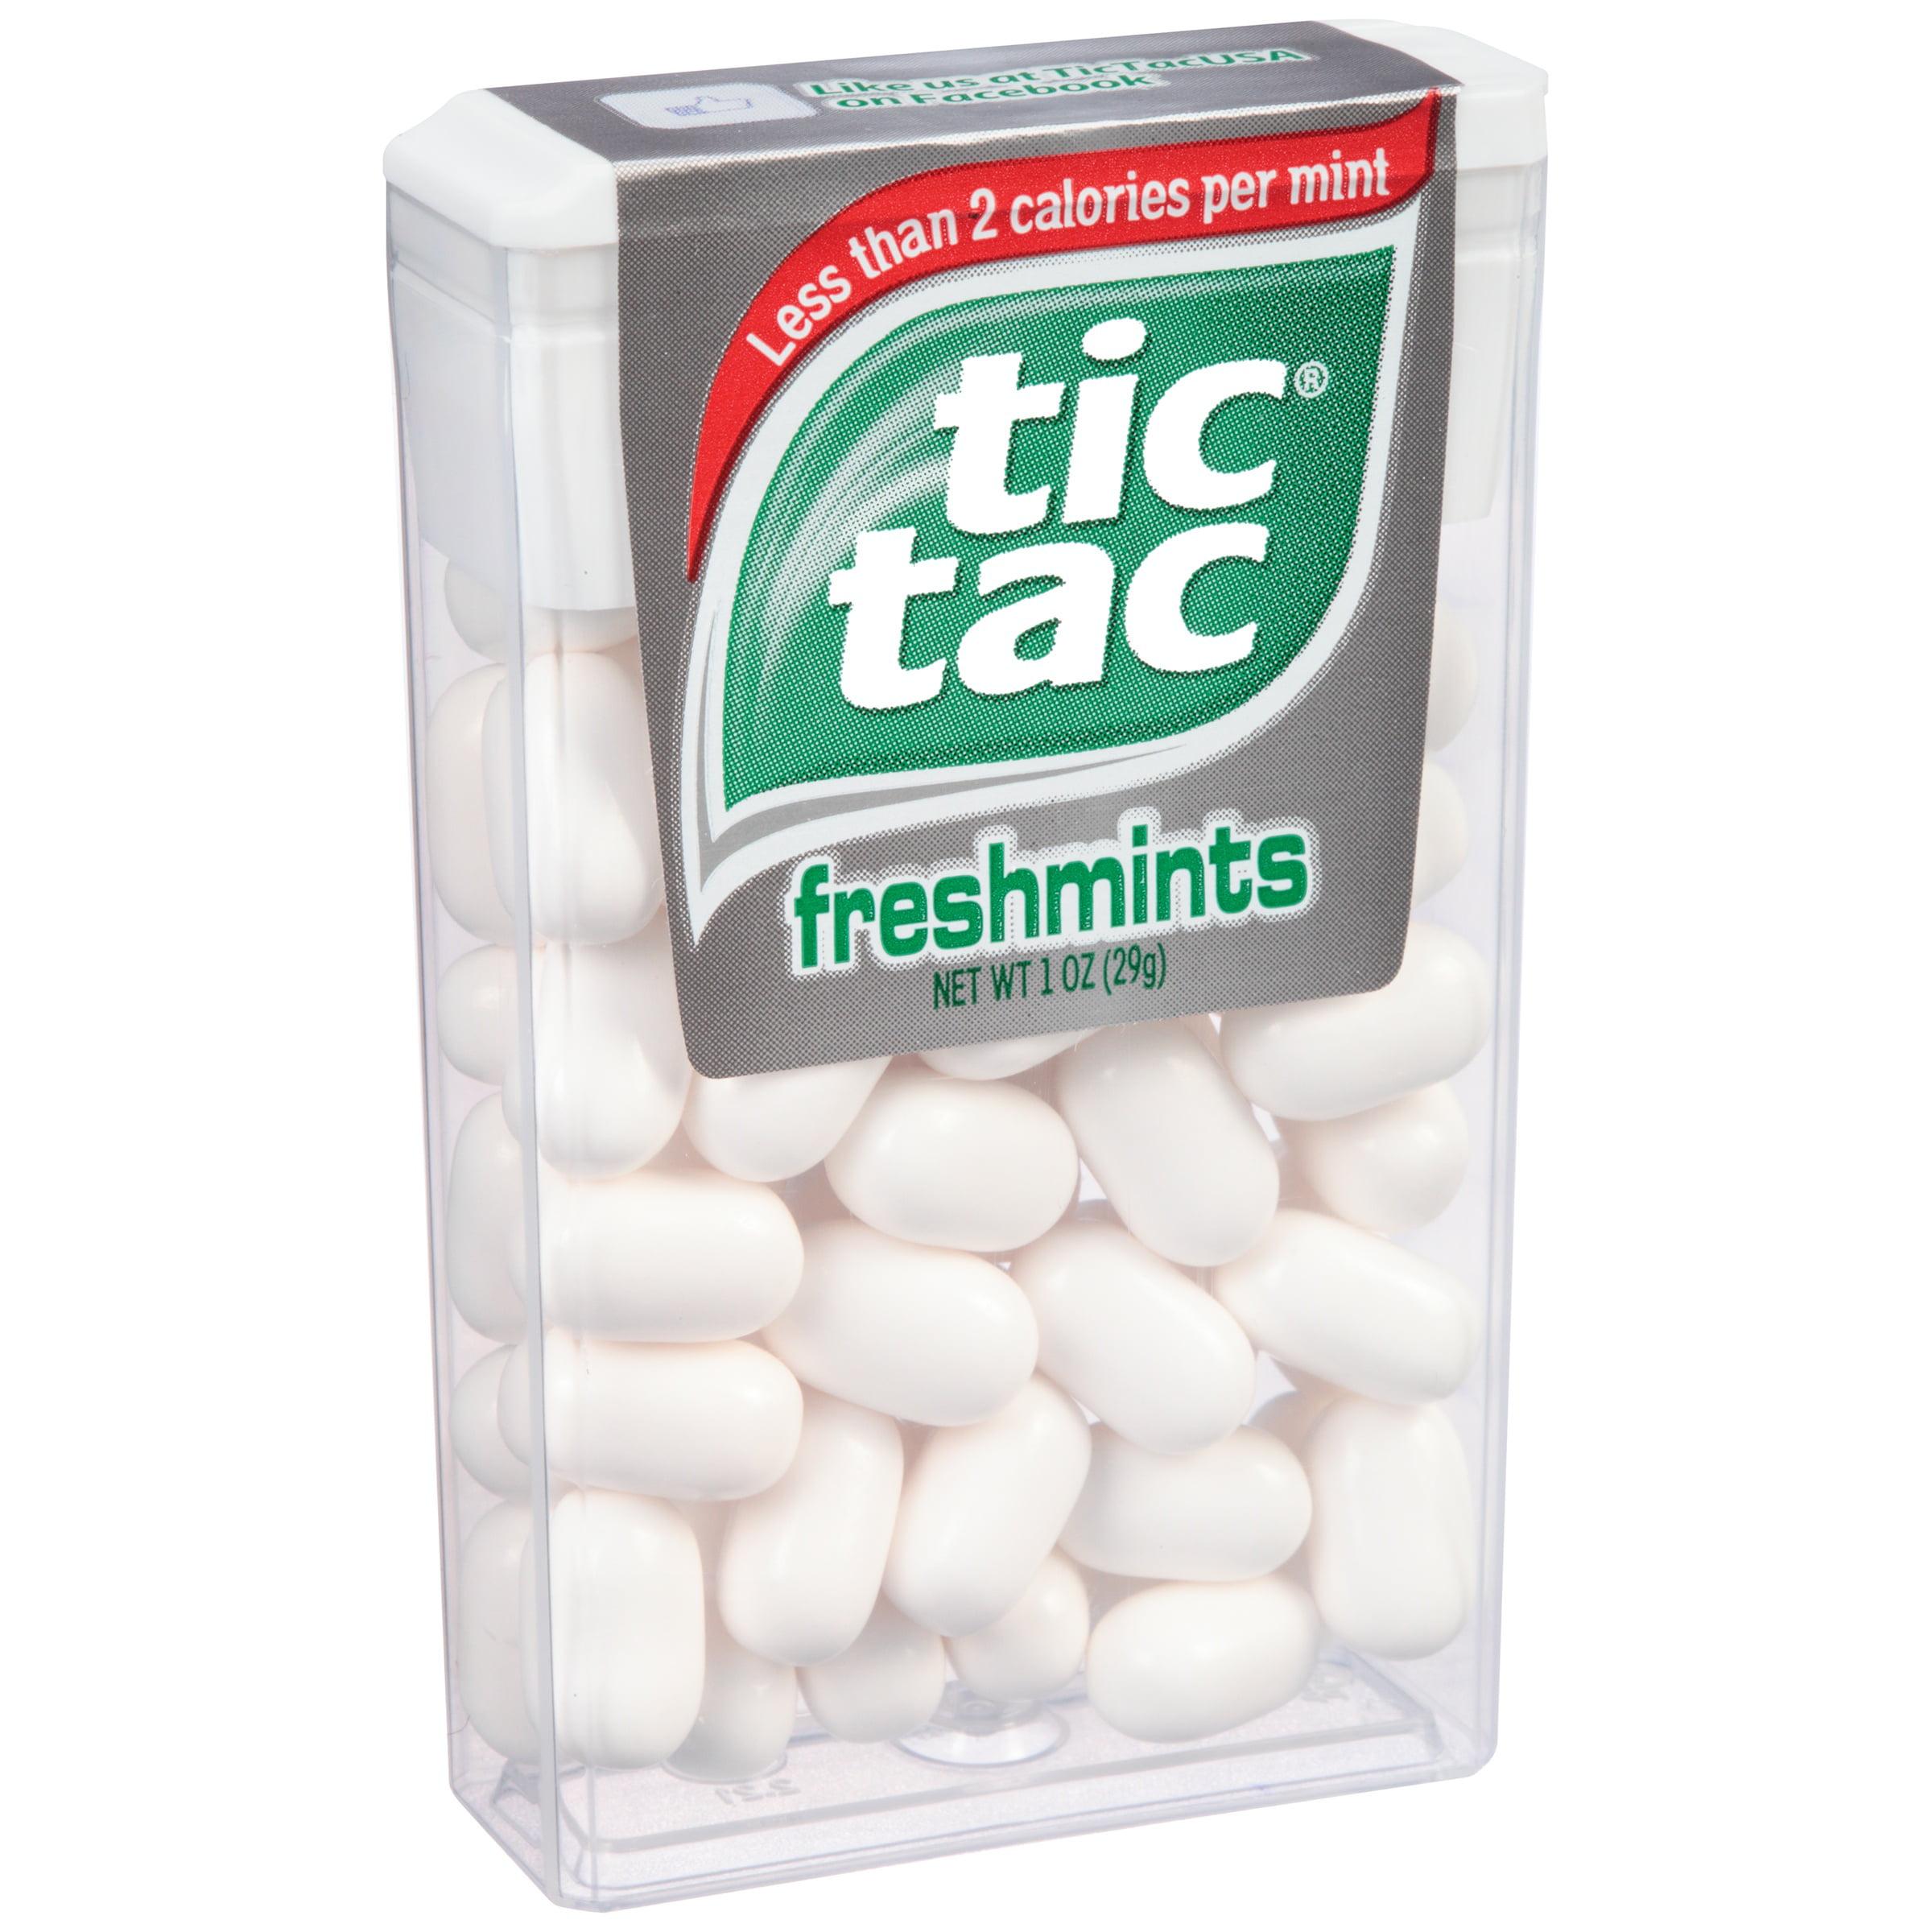 Freshmints Tic Tac Mints 1 oz. Pack by Ferrero U.S.A. Inc.